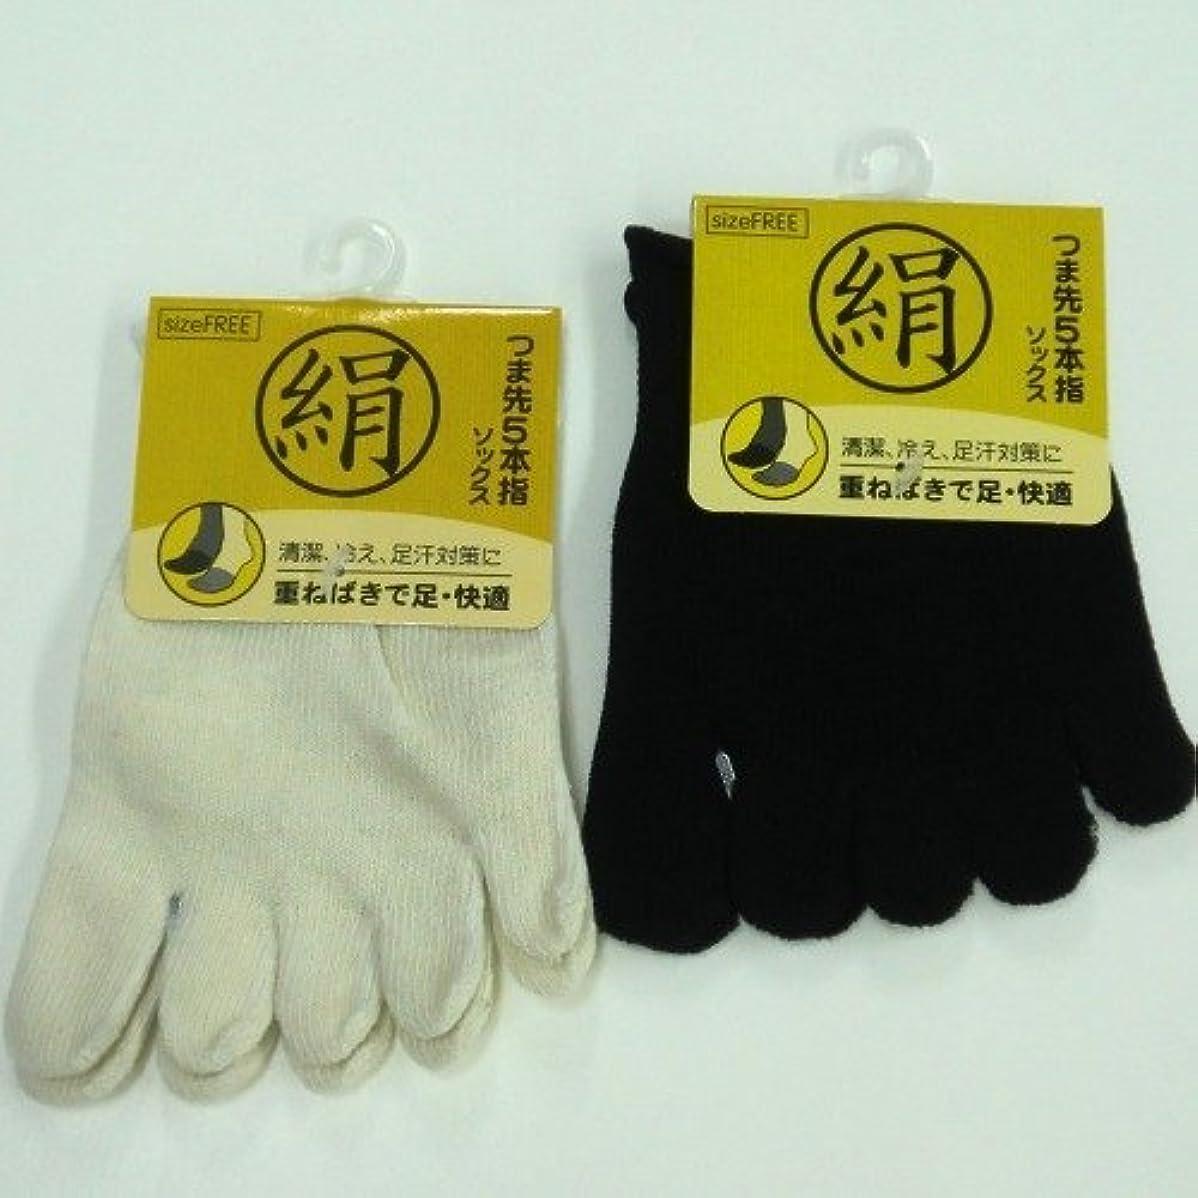 狂った満了流暢シルク 5本指ハーフソックス 足指カバー 天然素材絹で抗菌防臭 3足組 (色はお任せ)